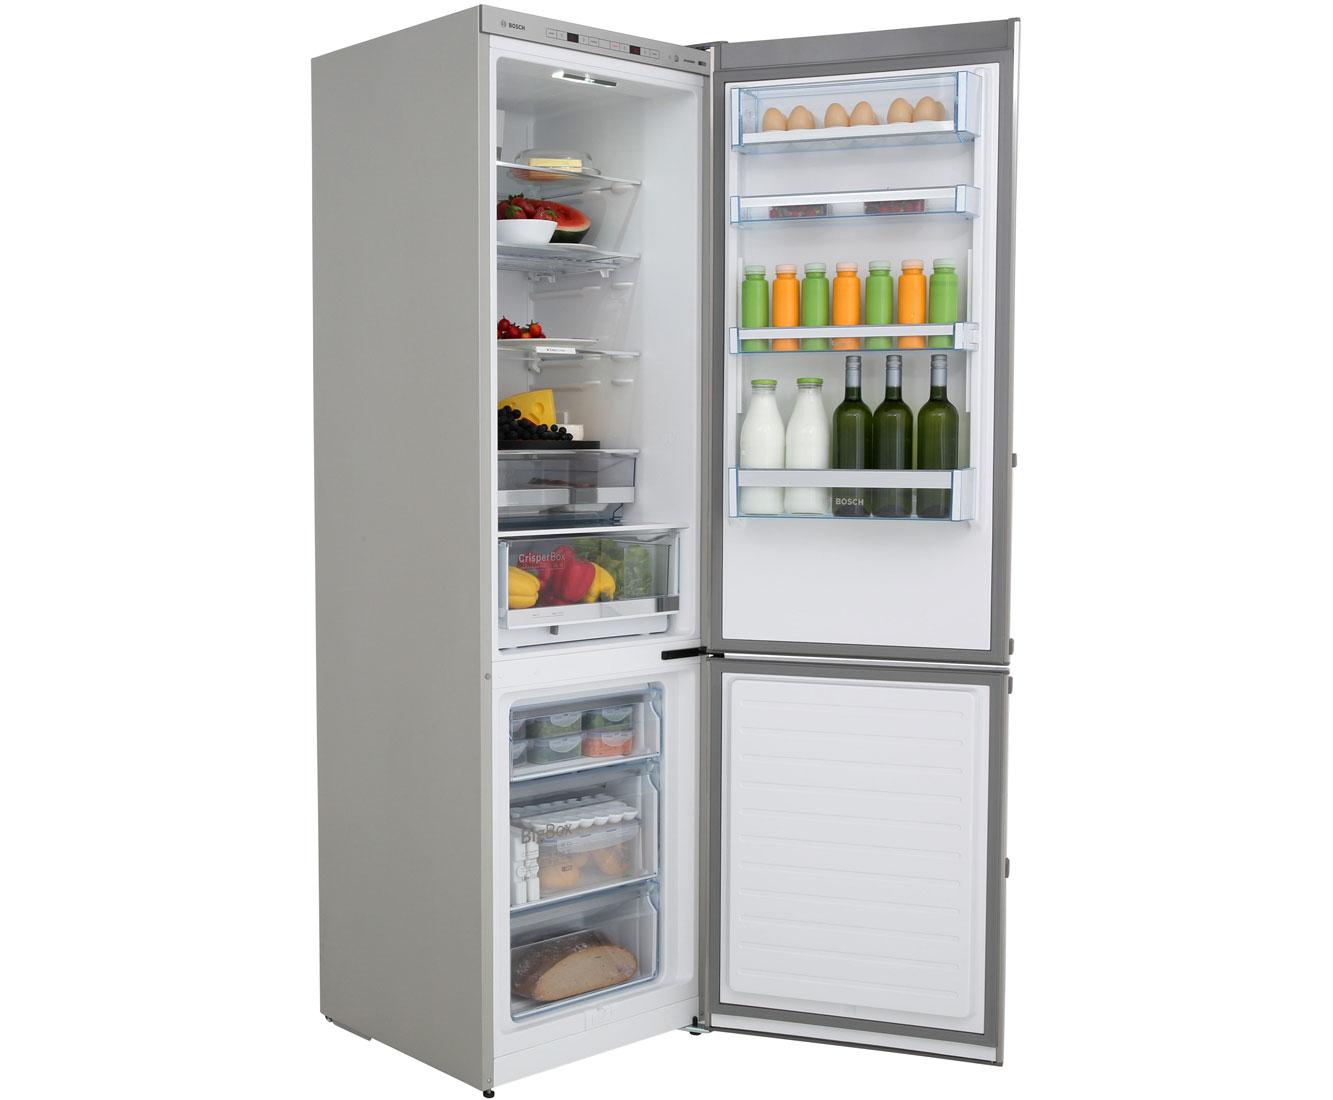 Bosch Kühlschrank Wird Heiß : Bosch kühlschrank günstig kaufen ⇒ beste angebote preise